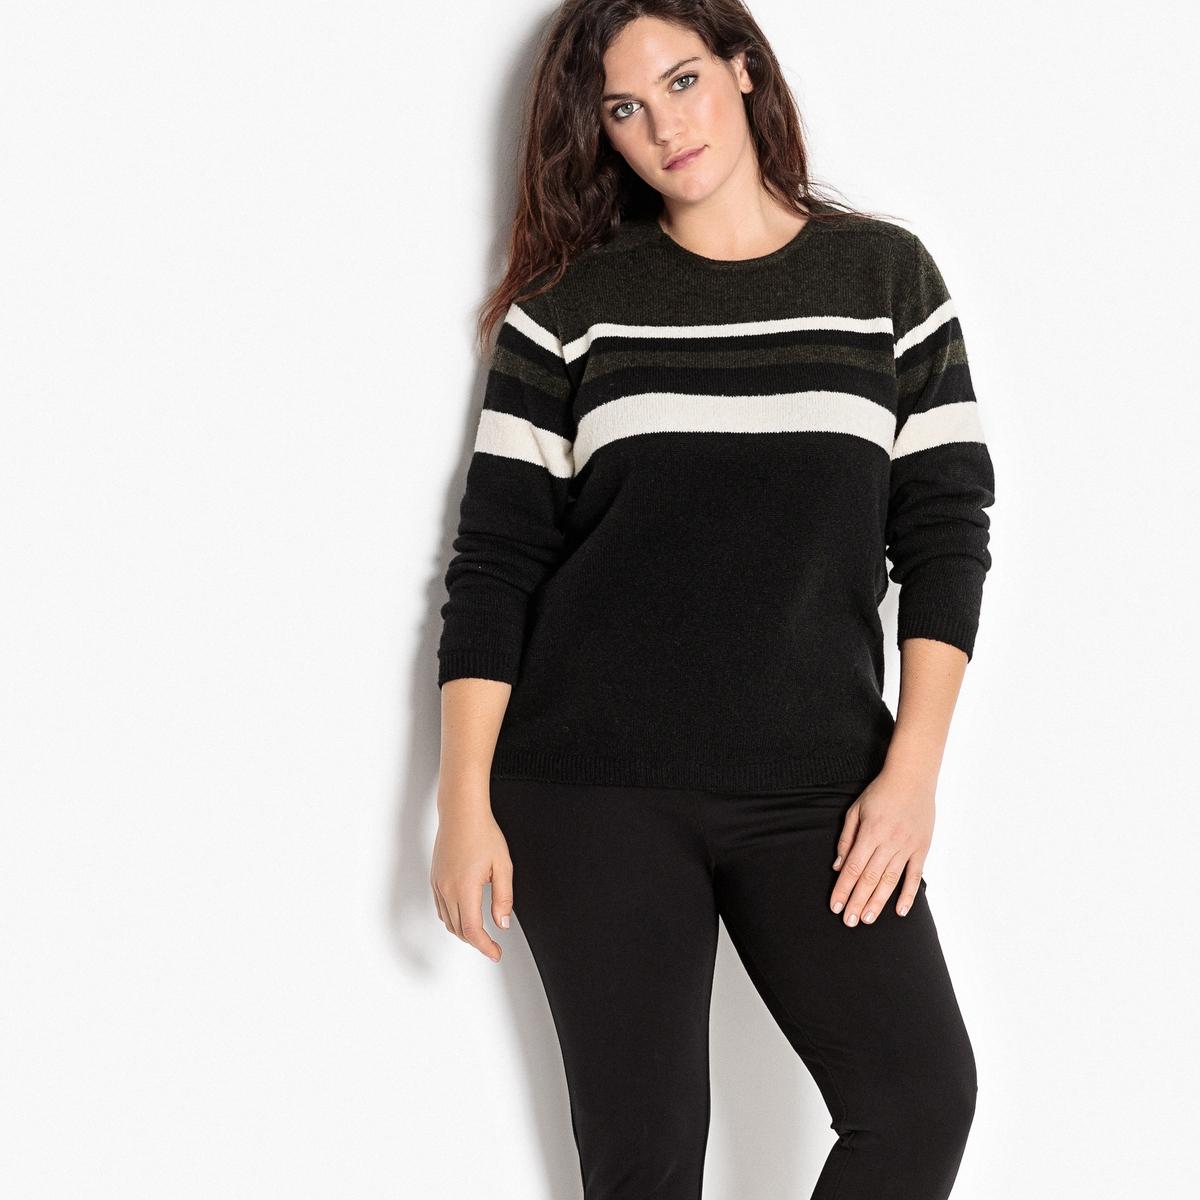 Пуловер с круглым вырезом и длинными рукавамиОписание:Модный пуловер с рисунком в полоску. Чтобы подчеркнуть графичный рисунок в полоску, этот пуловер лучше носить с брюками-слим черного цвета.Детали •  Длинные рукава •  Круглый вырез •  Тонкий трикотаж  •  Рисунок в полоскуСостав и уход •  13% шерсти, 30% акрила, 16% хлопка, 2% эластана, 10% модала, 29% полиамида  •  Температура стирки при 30° на деликатном режиме   •  Сухая чистка и отбеливатели запрещены •  Сушить на горизонтальной поверхности •  Низкая температура глажкиТовар из коллекции больших размеров<br><br>Цвет: черный/ хаки<br>Размер: 50/52 (FR) - 56/58 (RUS)